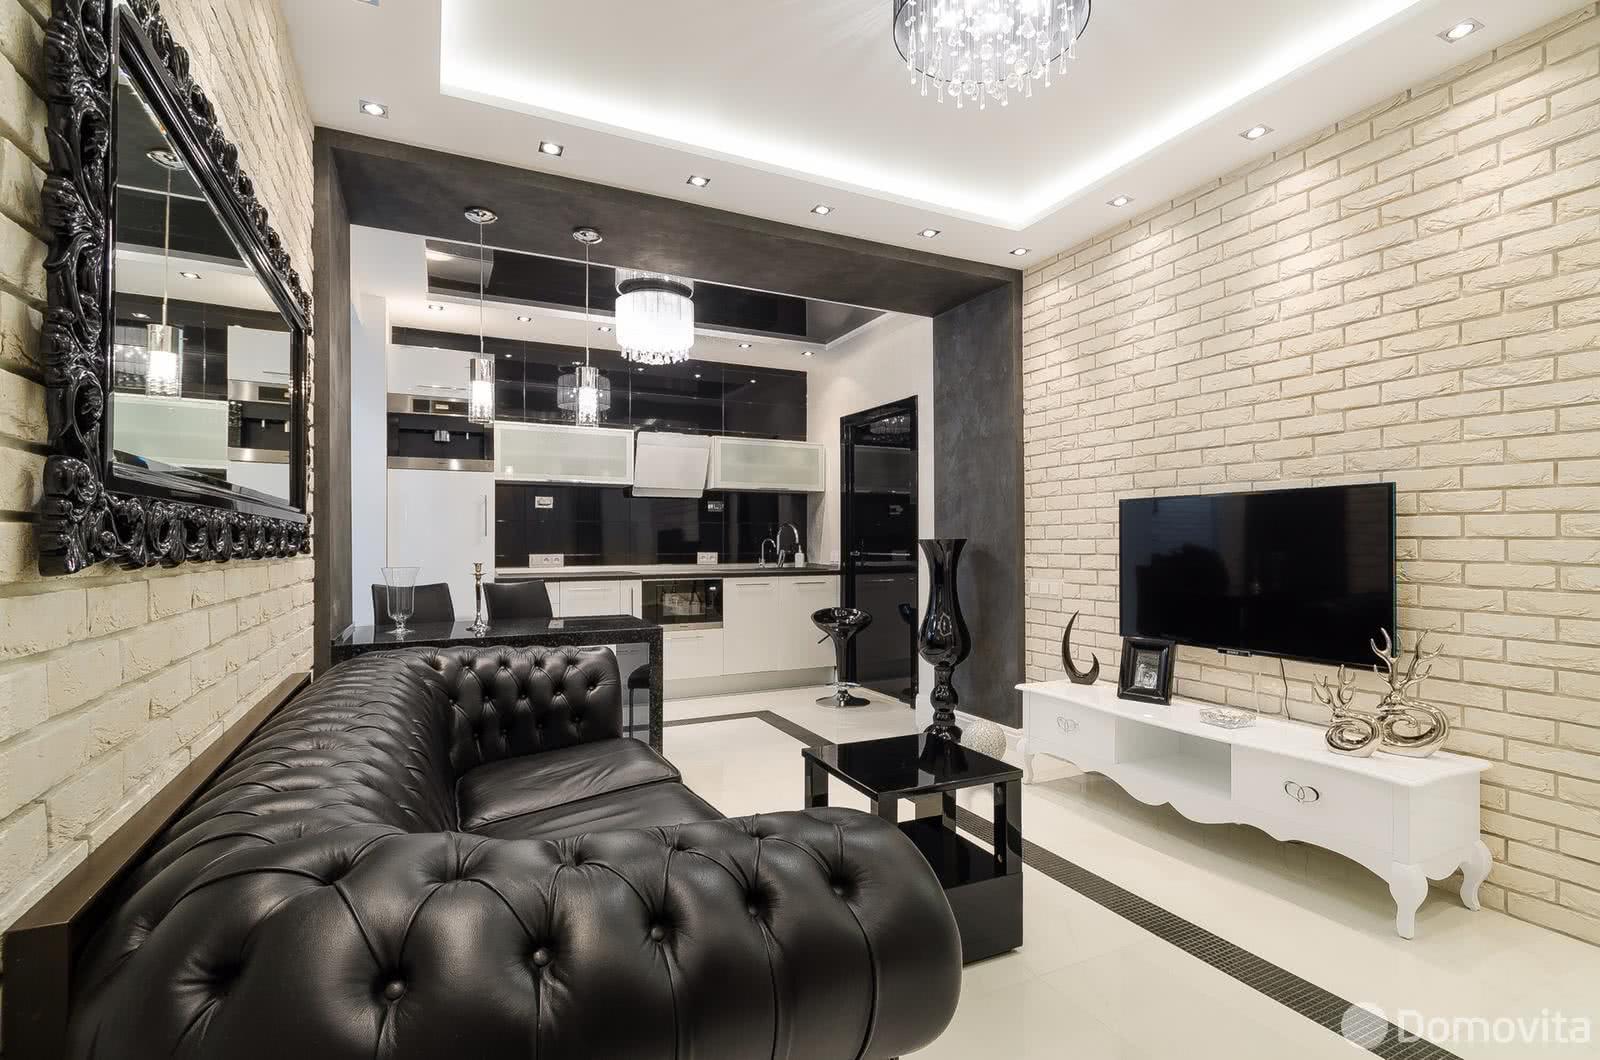 Аренда 2-комнатной квартиры на сутки в Минске ул. Ленина, д. 11 - фото 1